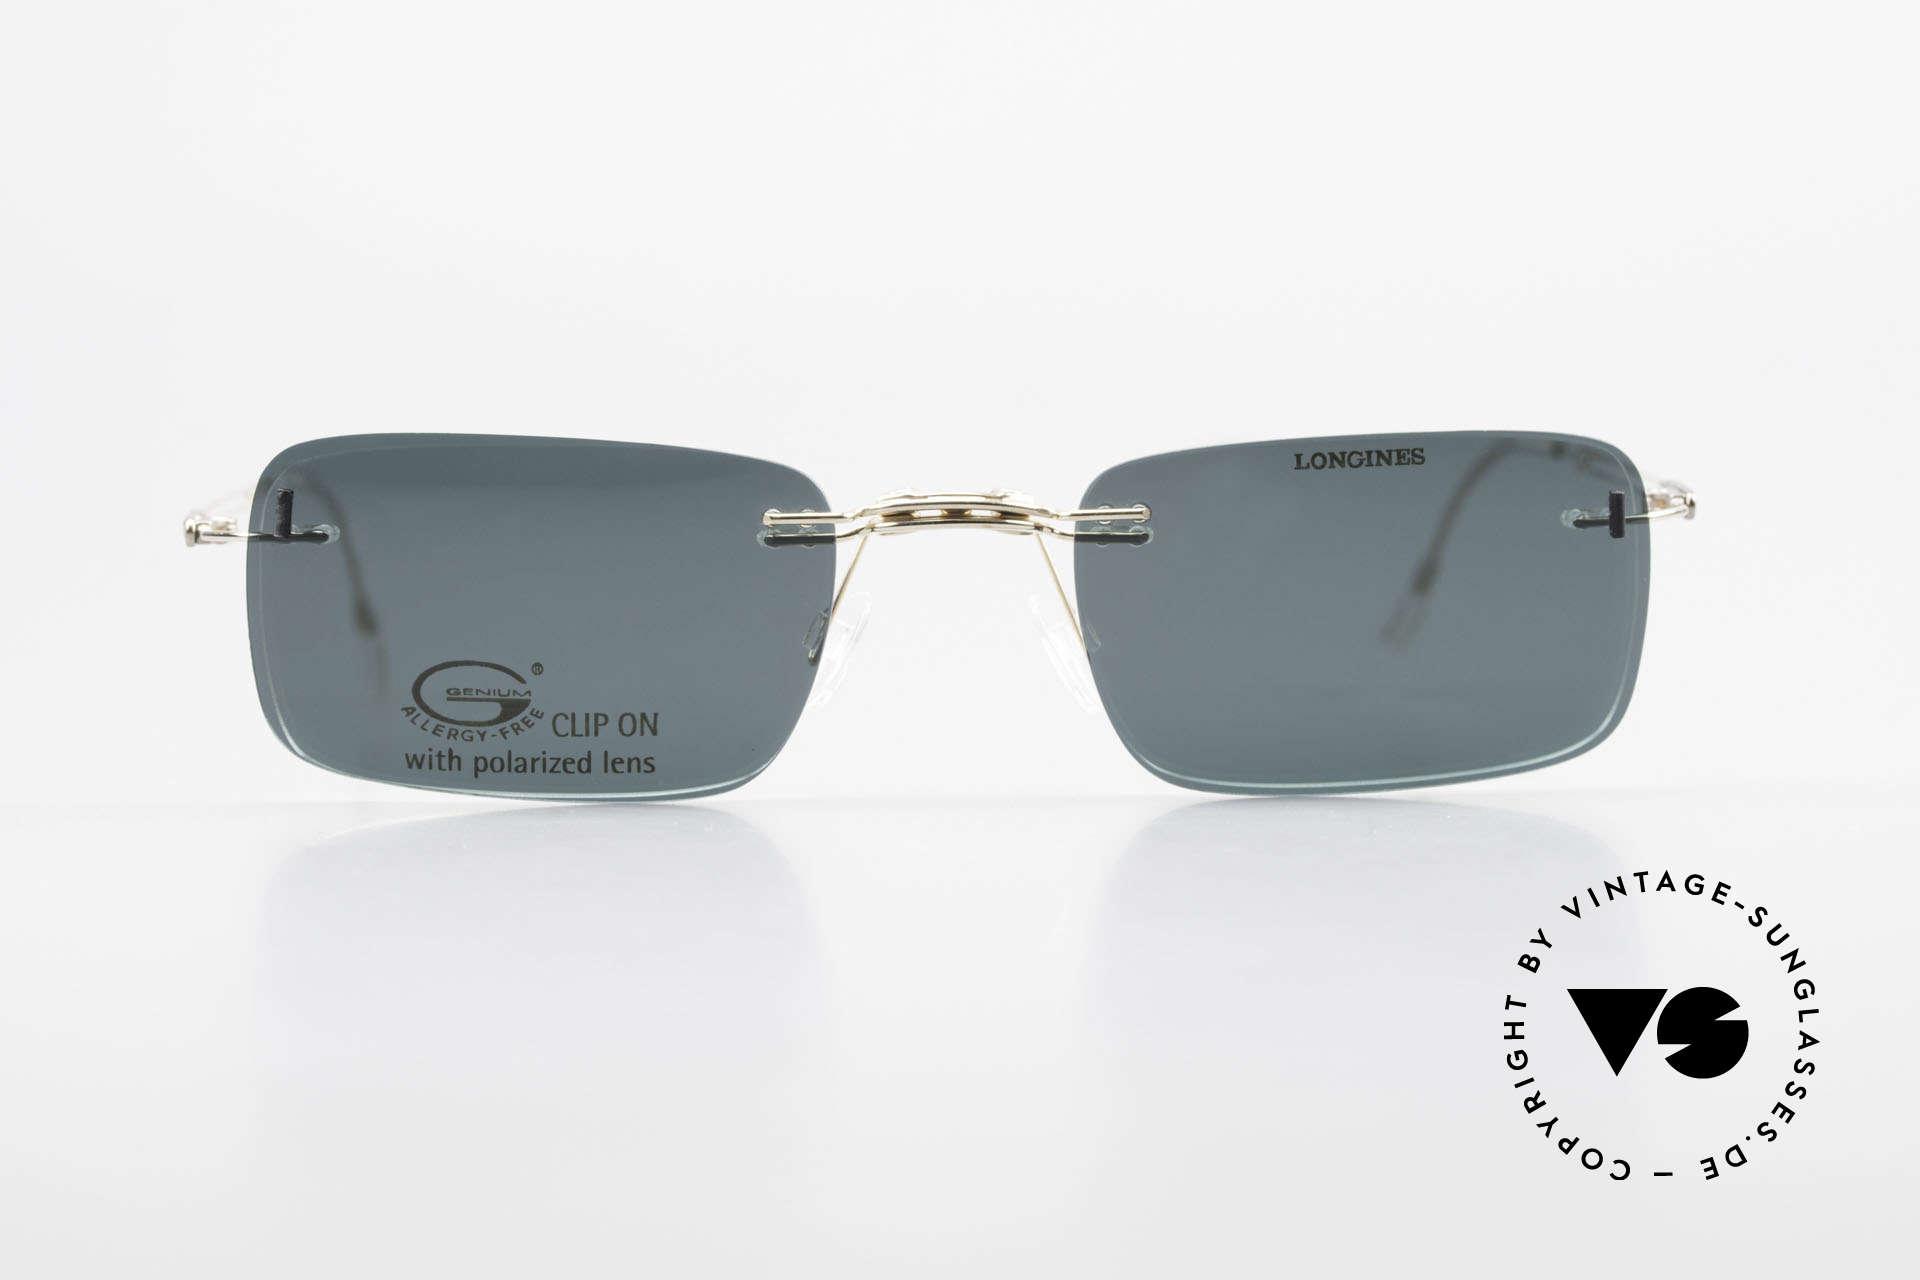 Longines 4367 Polarisierende Brille Randlos, allergiefreie, randlose 90er Jahre Brille von Longines, Passend für Herren